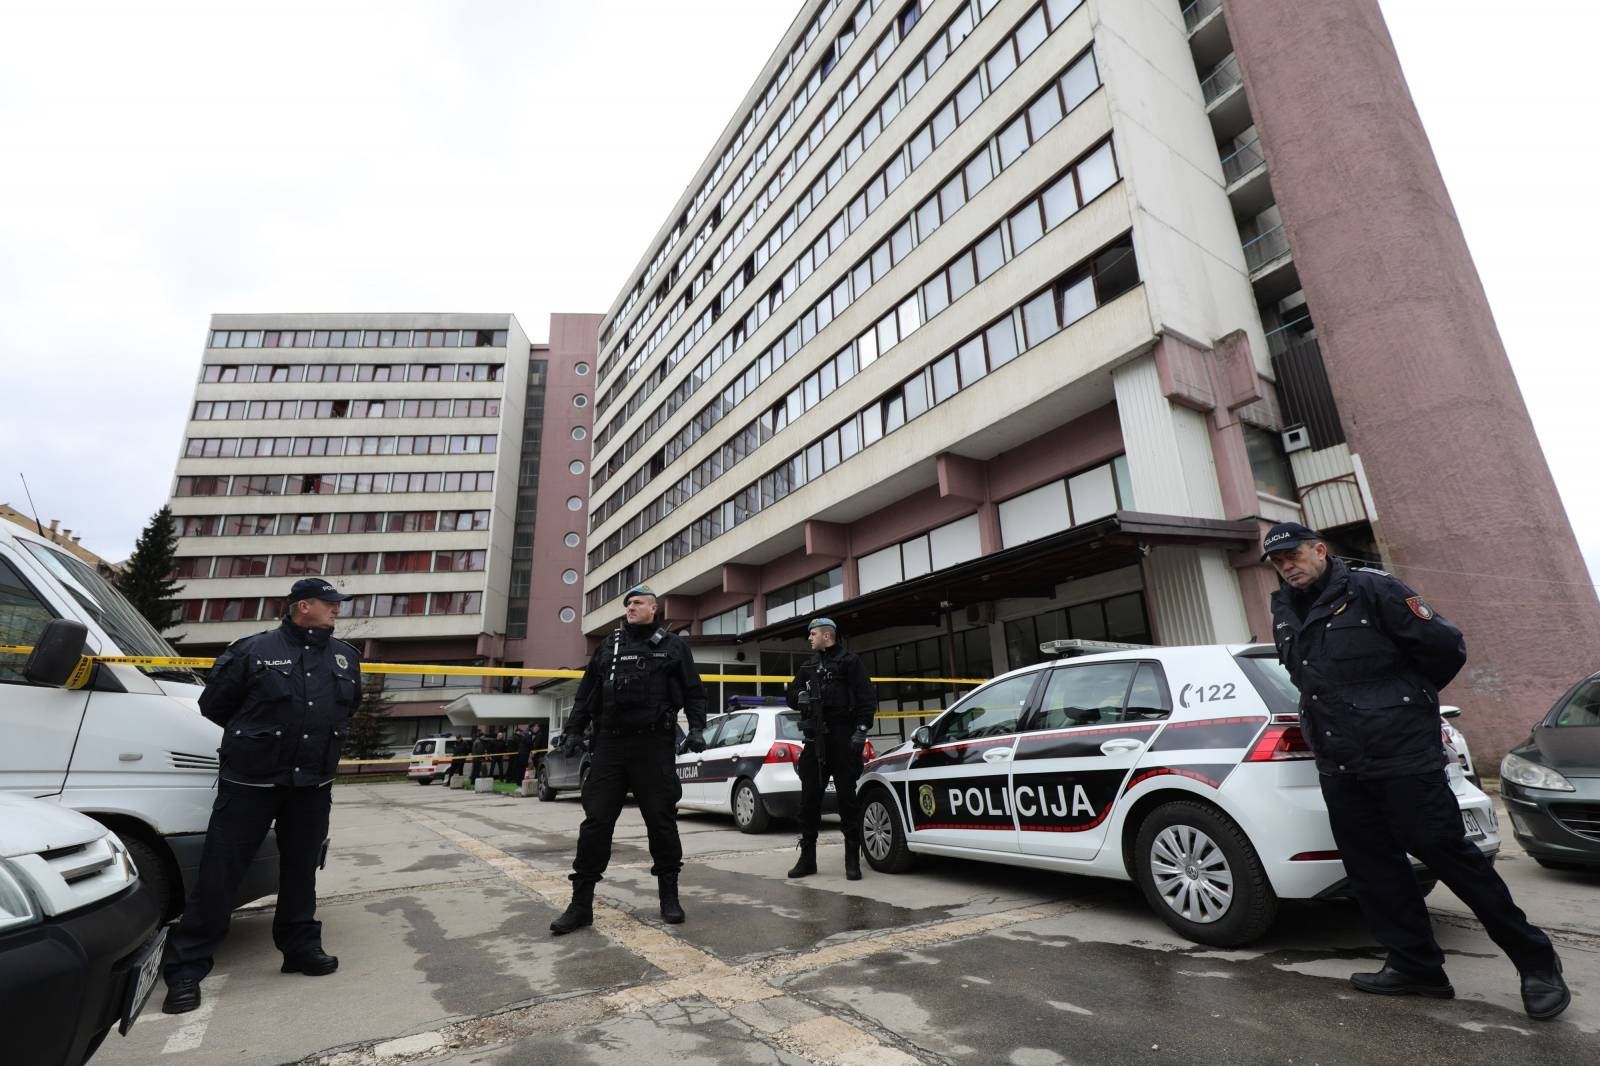 Ubojstvo u Studentskom domu u Sarajevu